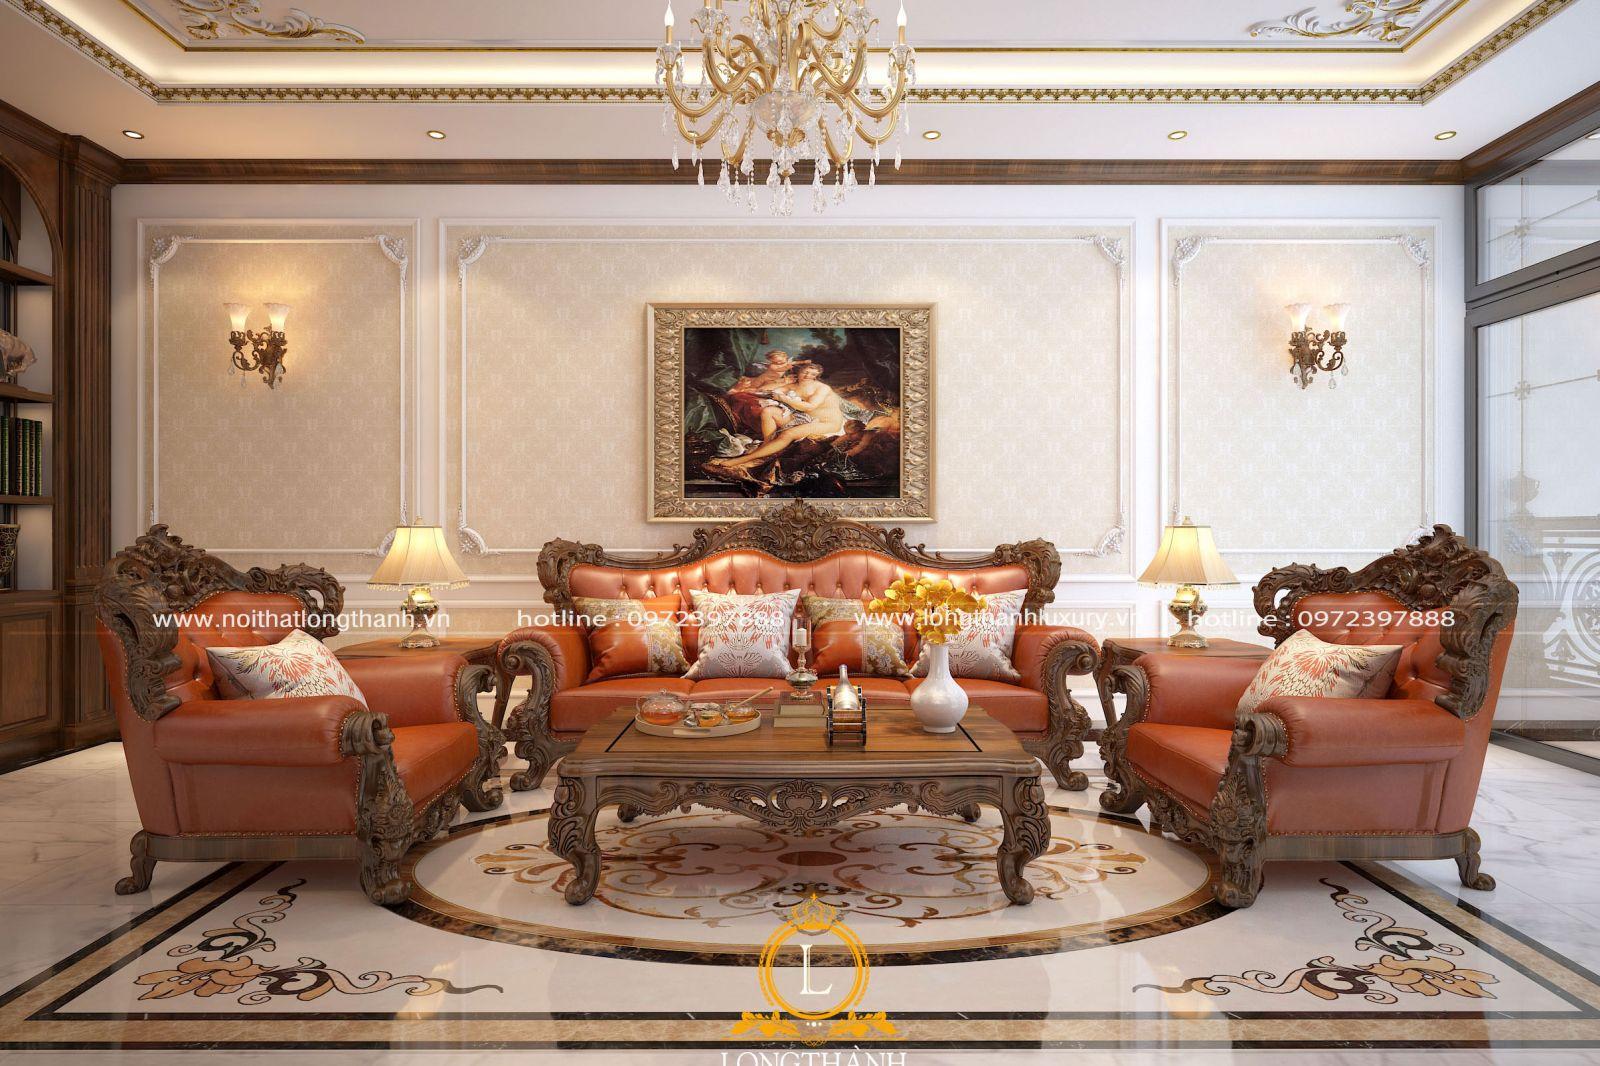 Thiết kế nội thất nhà ống đẹp với phong cách tân cổ điển